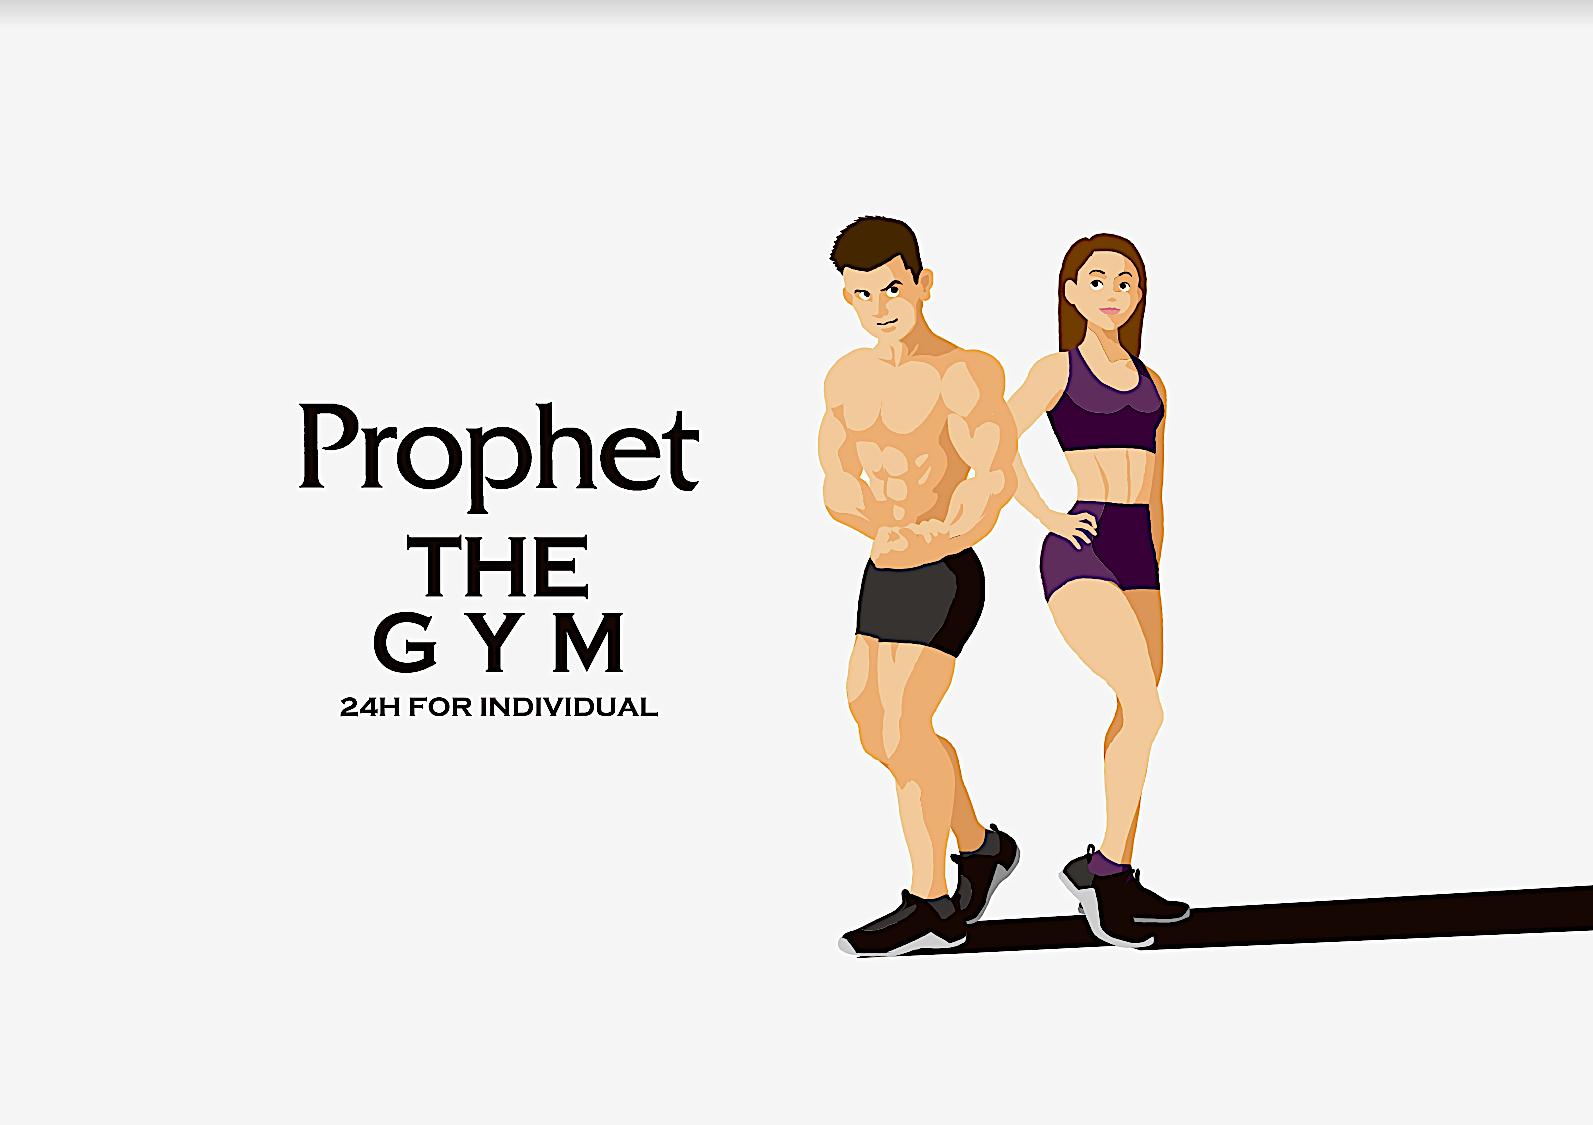 岩手県奥州市胆沢の無人型貸切ジム Prophet THE GYM(プロフィット ザ ジム) 胆沢店の公式ブログ